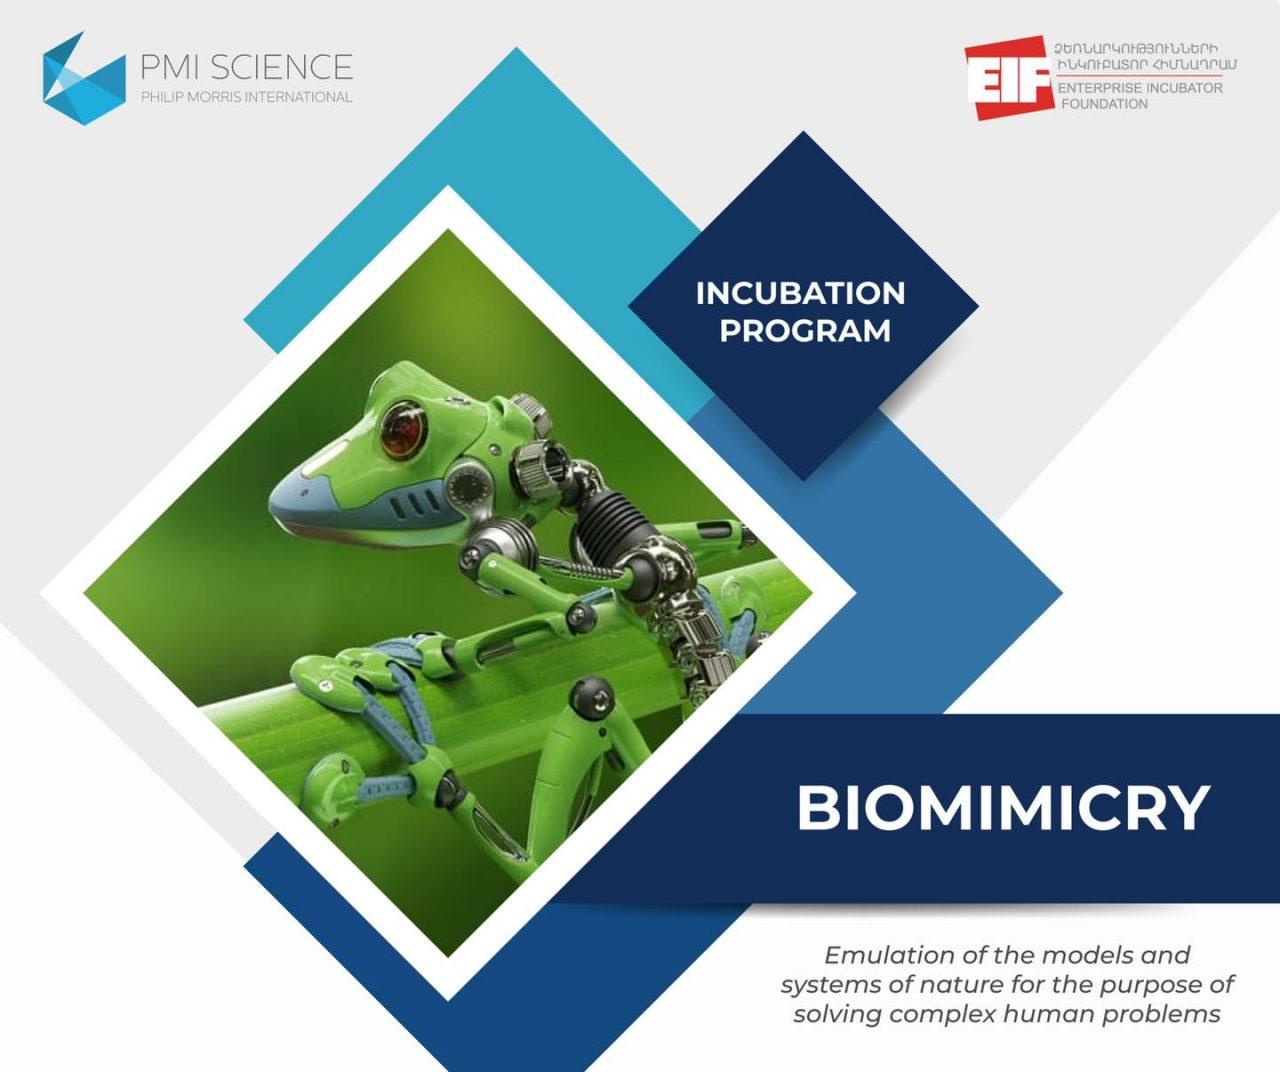 ՁԻՀ-ը մեկնարկում է բիոմիմիկրիայի, ծրագրային ապահովման գործիքների, զգայական ինժեներության ինկուբացիոն ծրագիրը